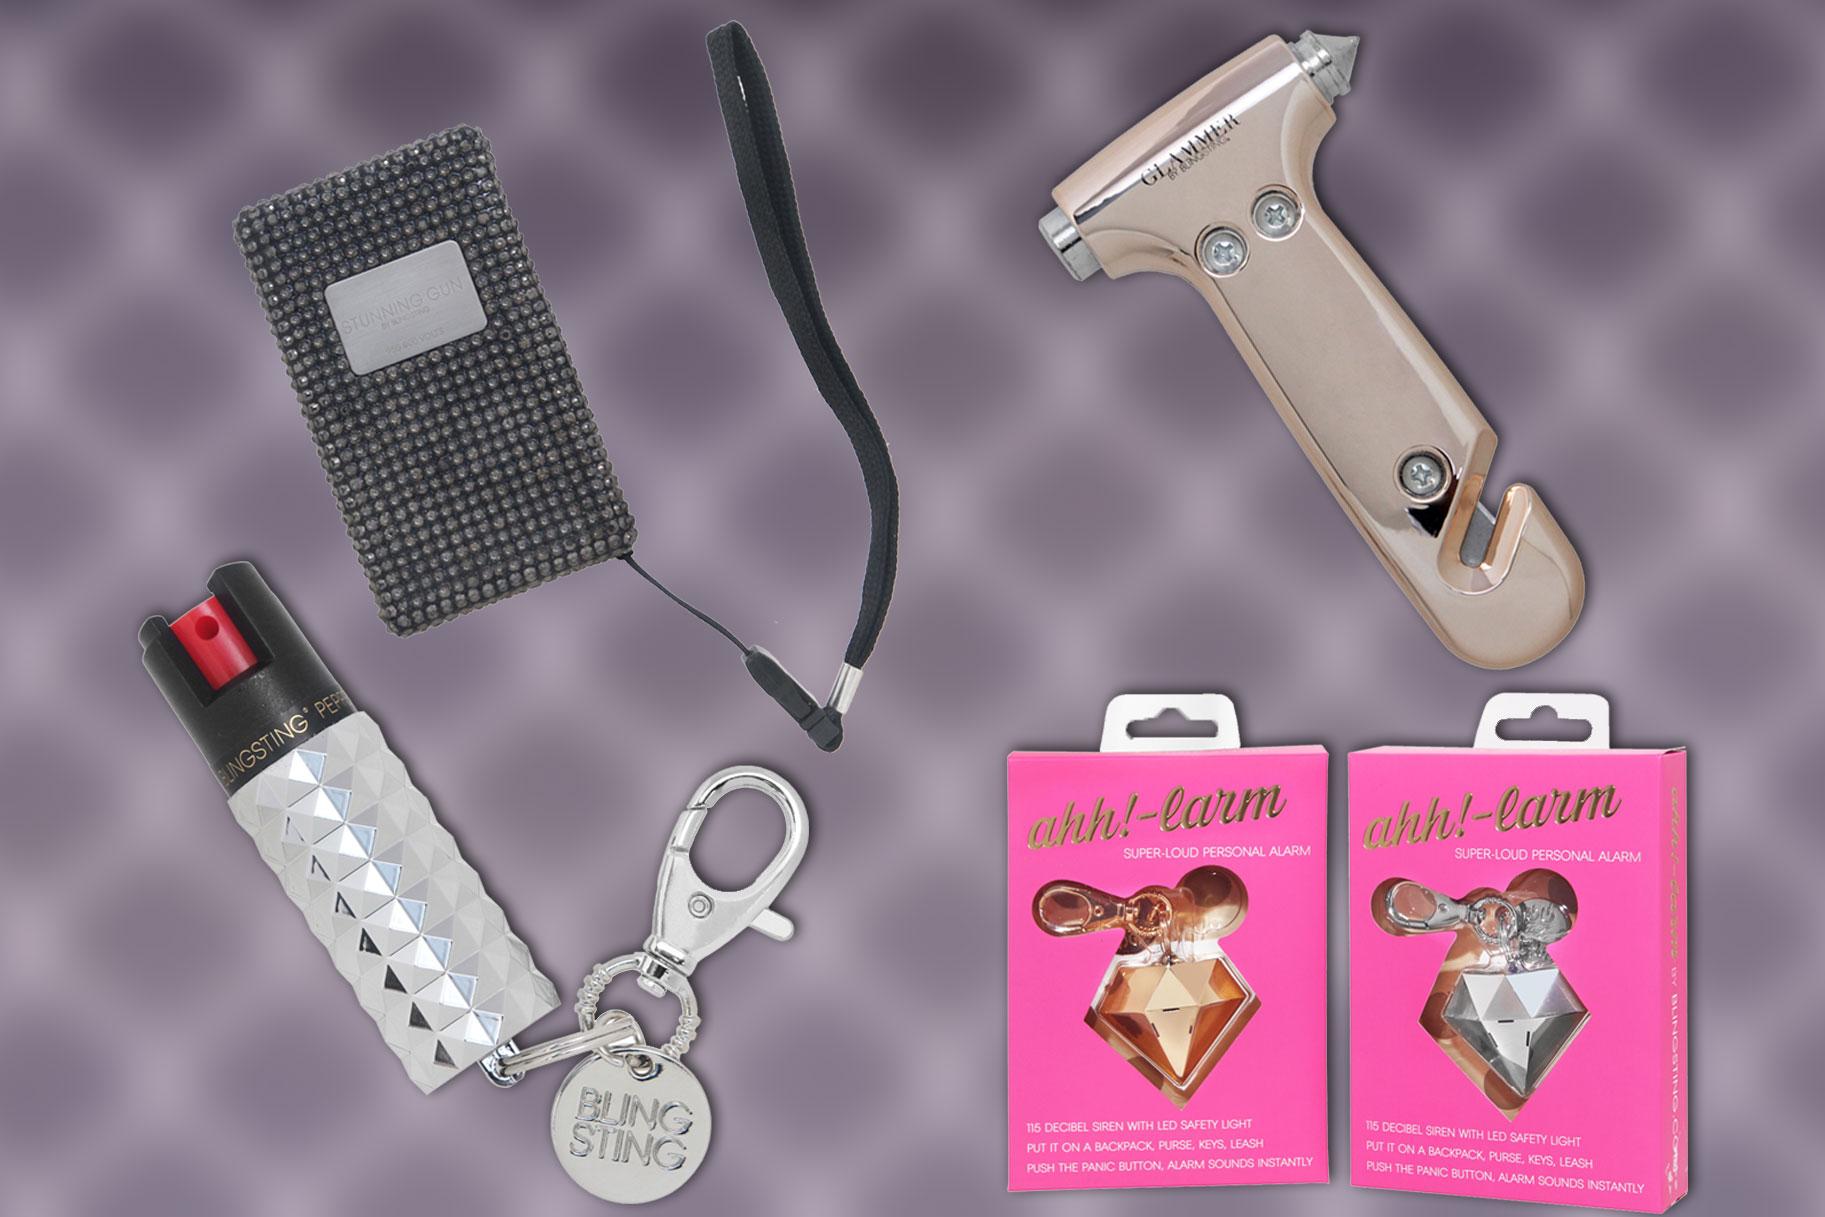 Cómo mantenerse seguro: lo que necesita saber sobre los dispositivos de seguridad personal hechos para mujeres